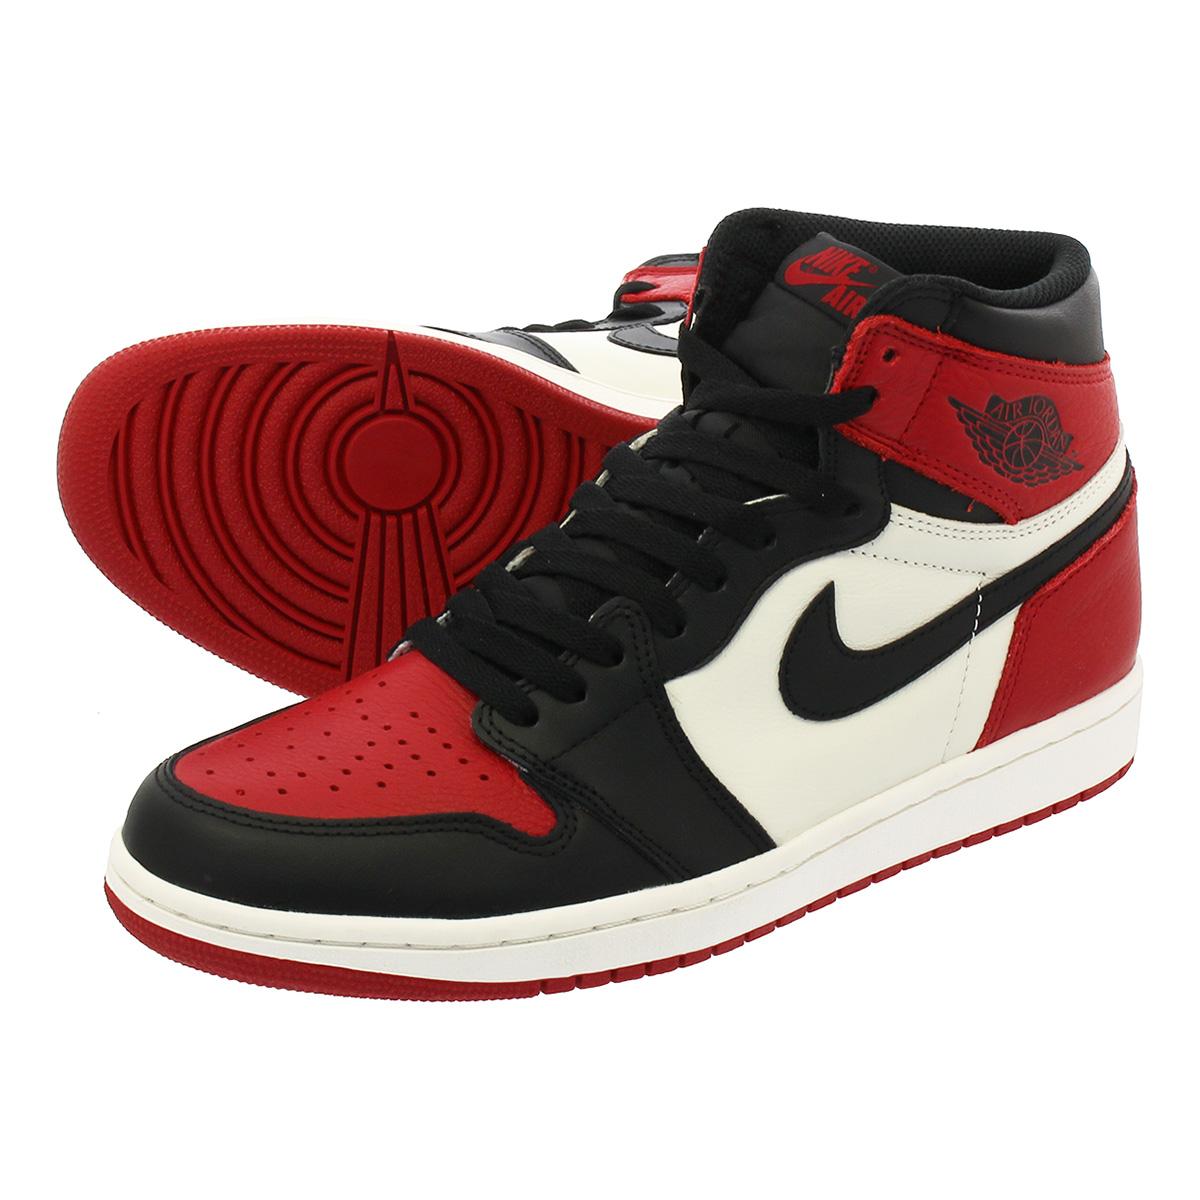 5af02b76211 NIKE AIR JORDAN 1 RETRO HIGH OG Nike Air Jordan 1 nostalgic high OG GYM RED  BLACK SUMMIT WHITE